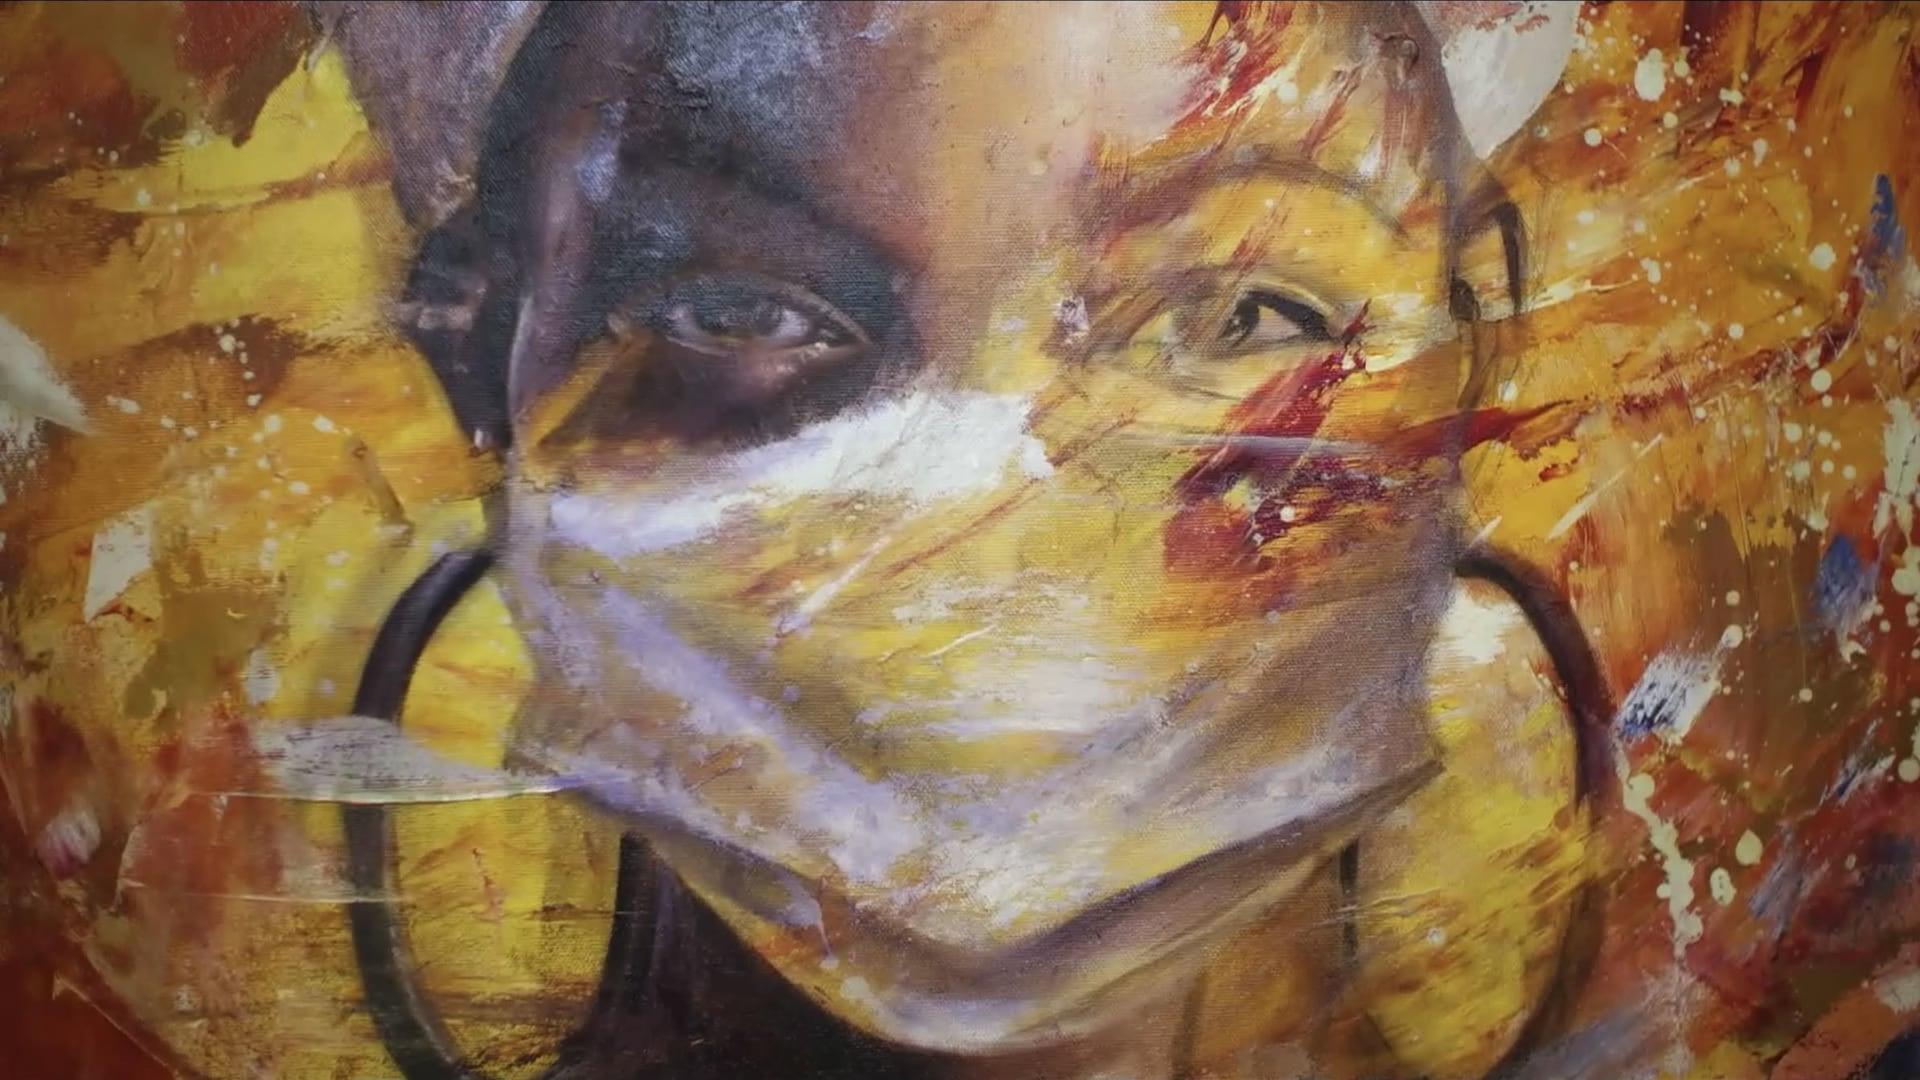 Une image qui dépeint une femme portant un masque, oeuvre de l'artiste Xavier Mutshipayi.